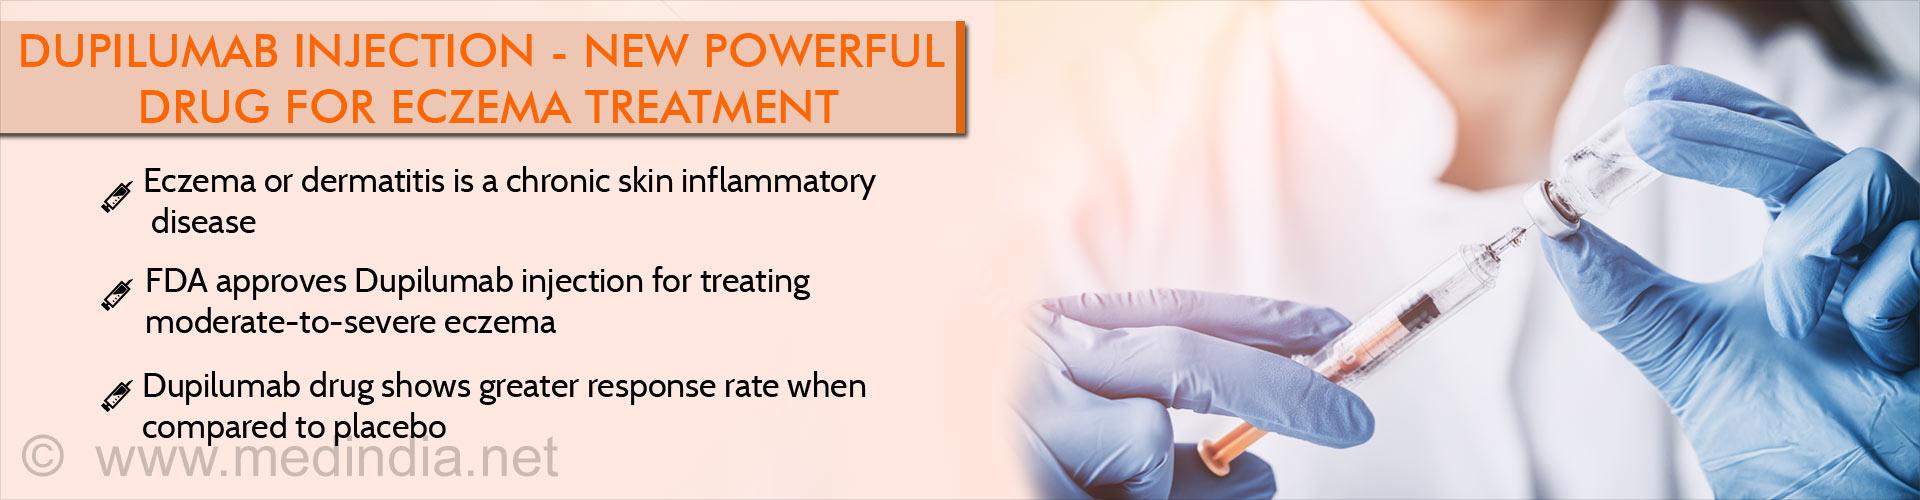 Powerful New Eczema Drug Approved by FDA